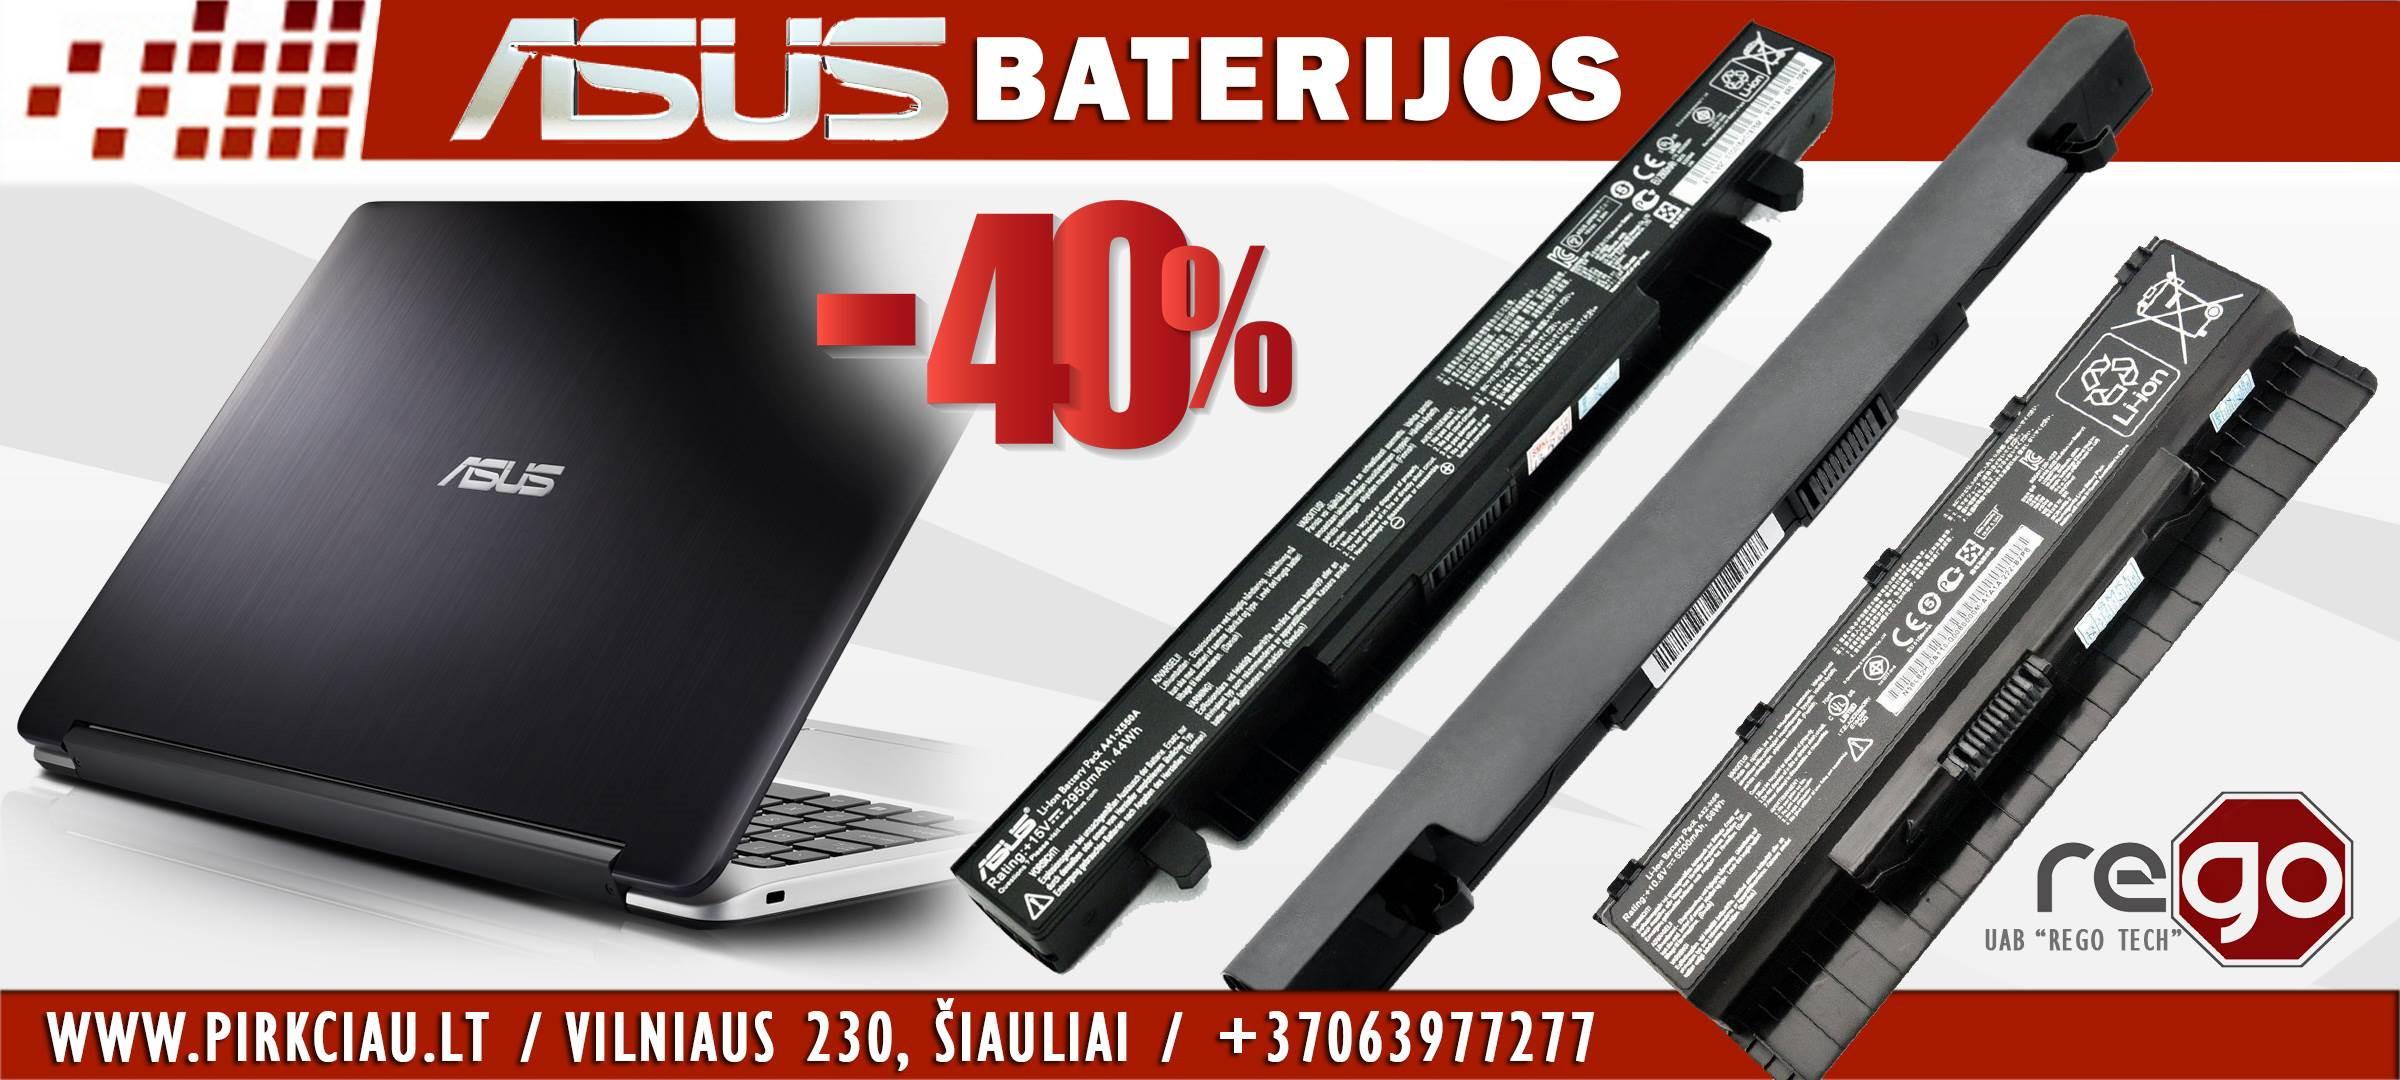 Nešiojamo kompiuterio baterija, akumuliatorius GERIAUSIA kaina